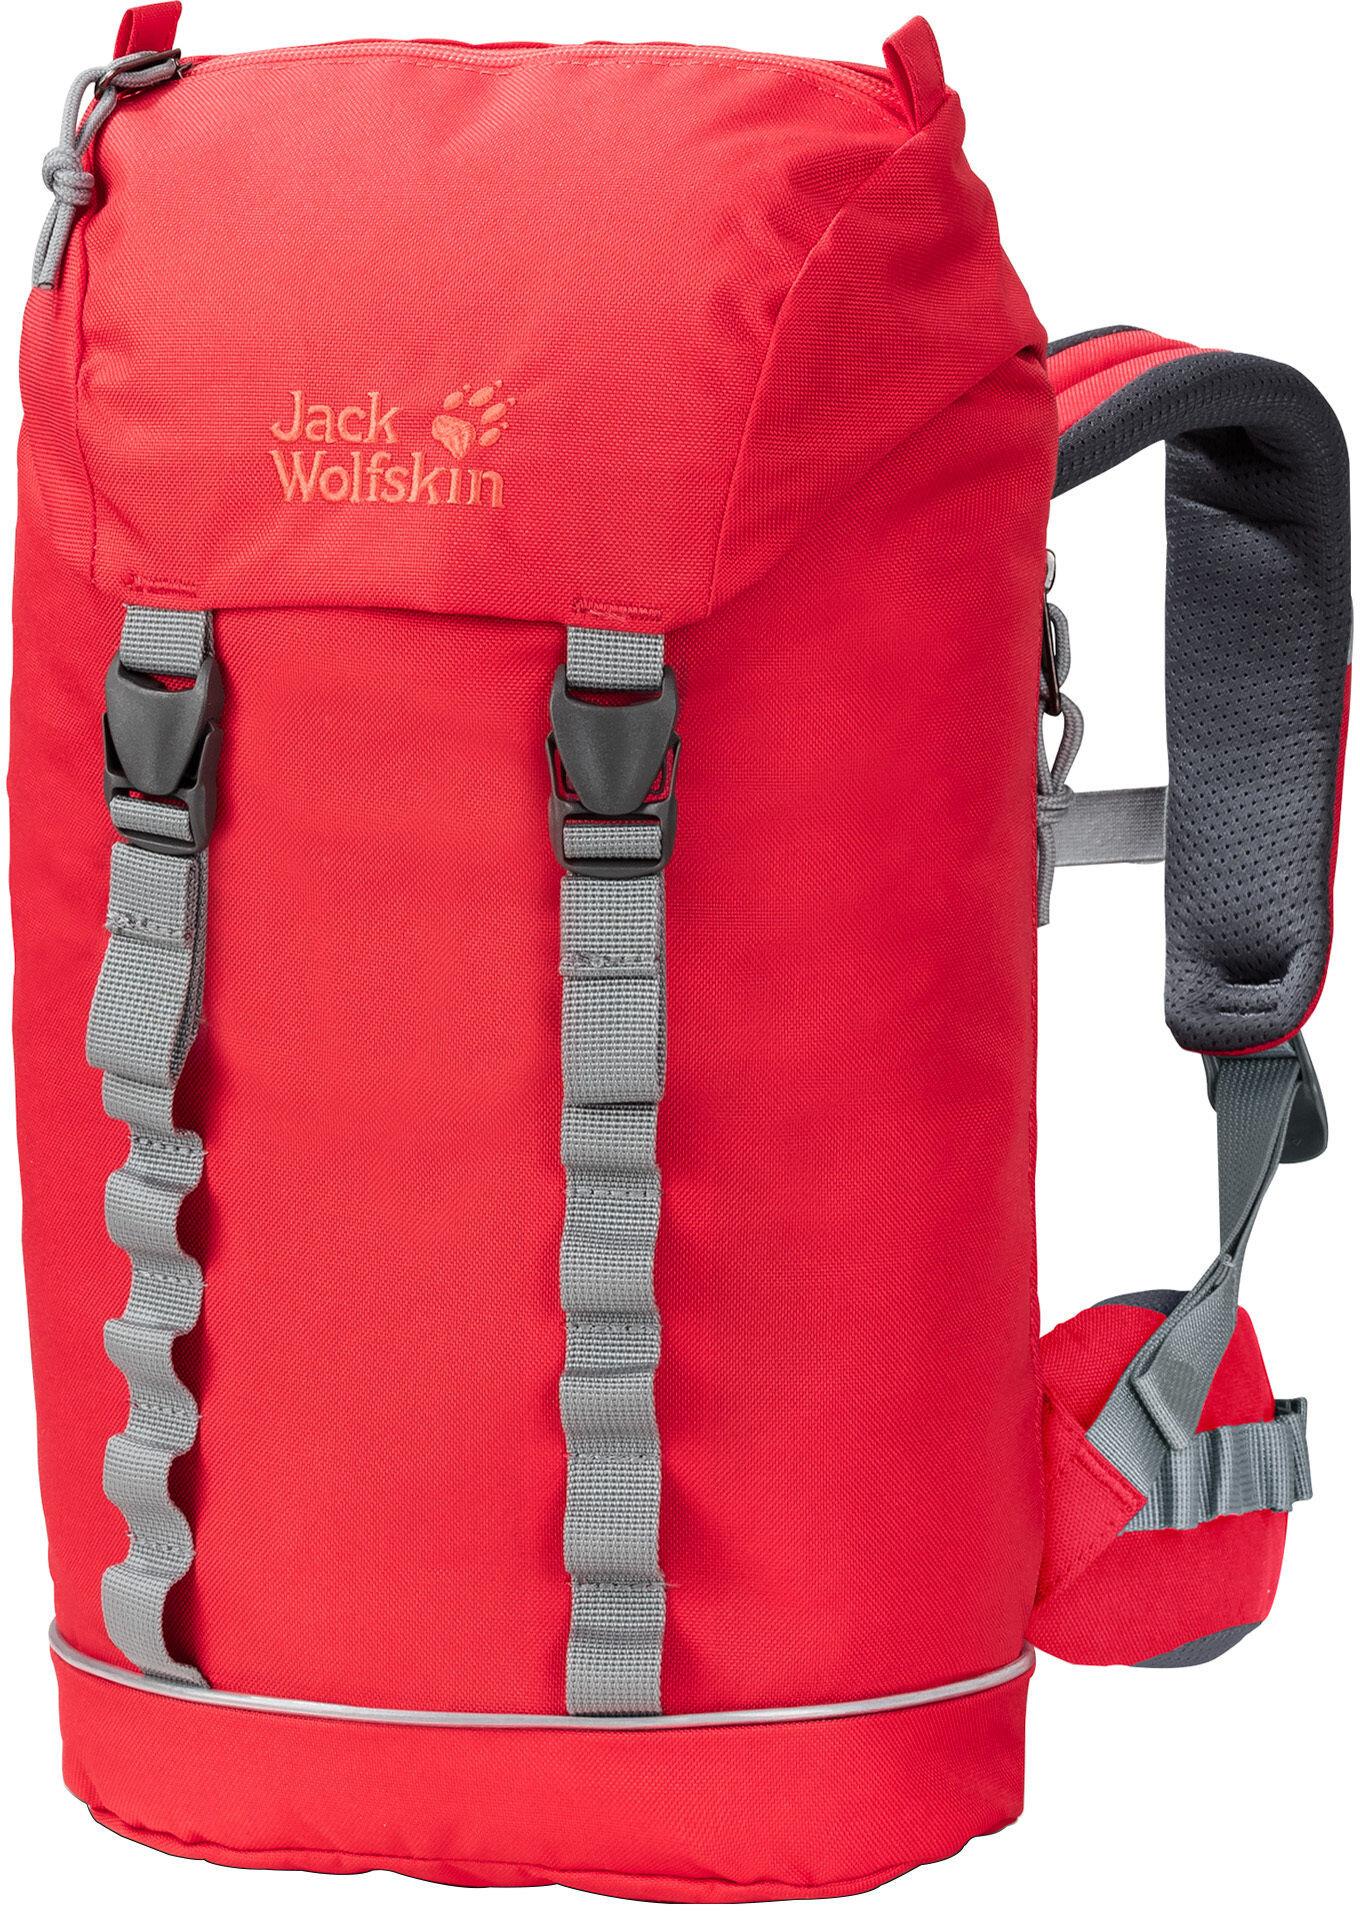 jack wolfskin jungle gym pack kids tulip red online kaufen. Black Bedroom Furniture Sets. Home Design Ideas